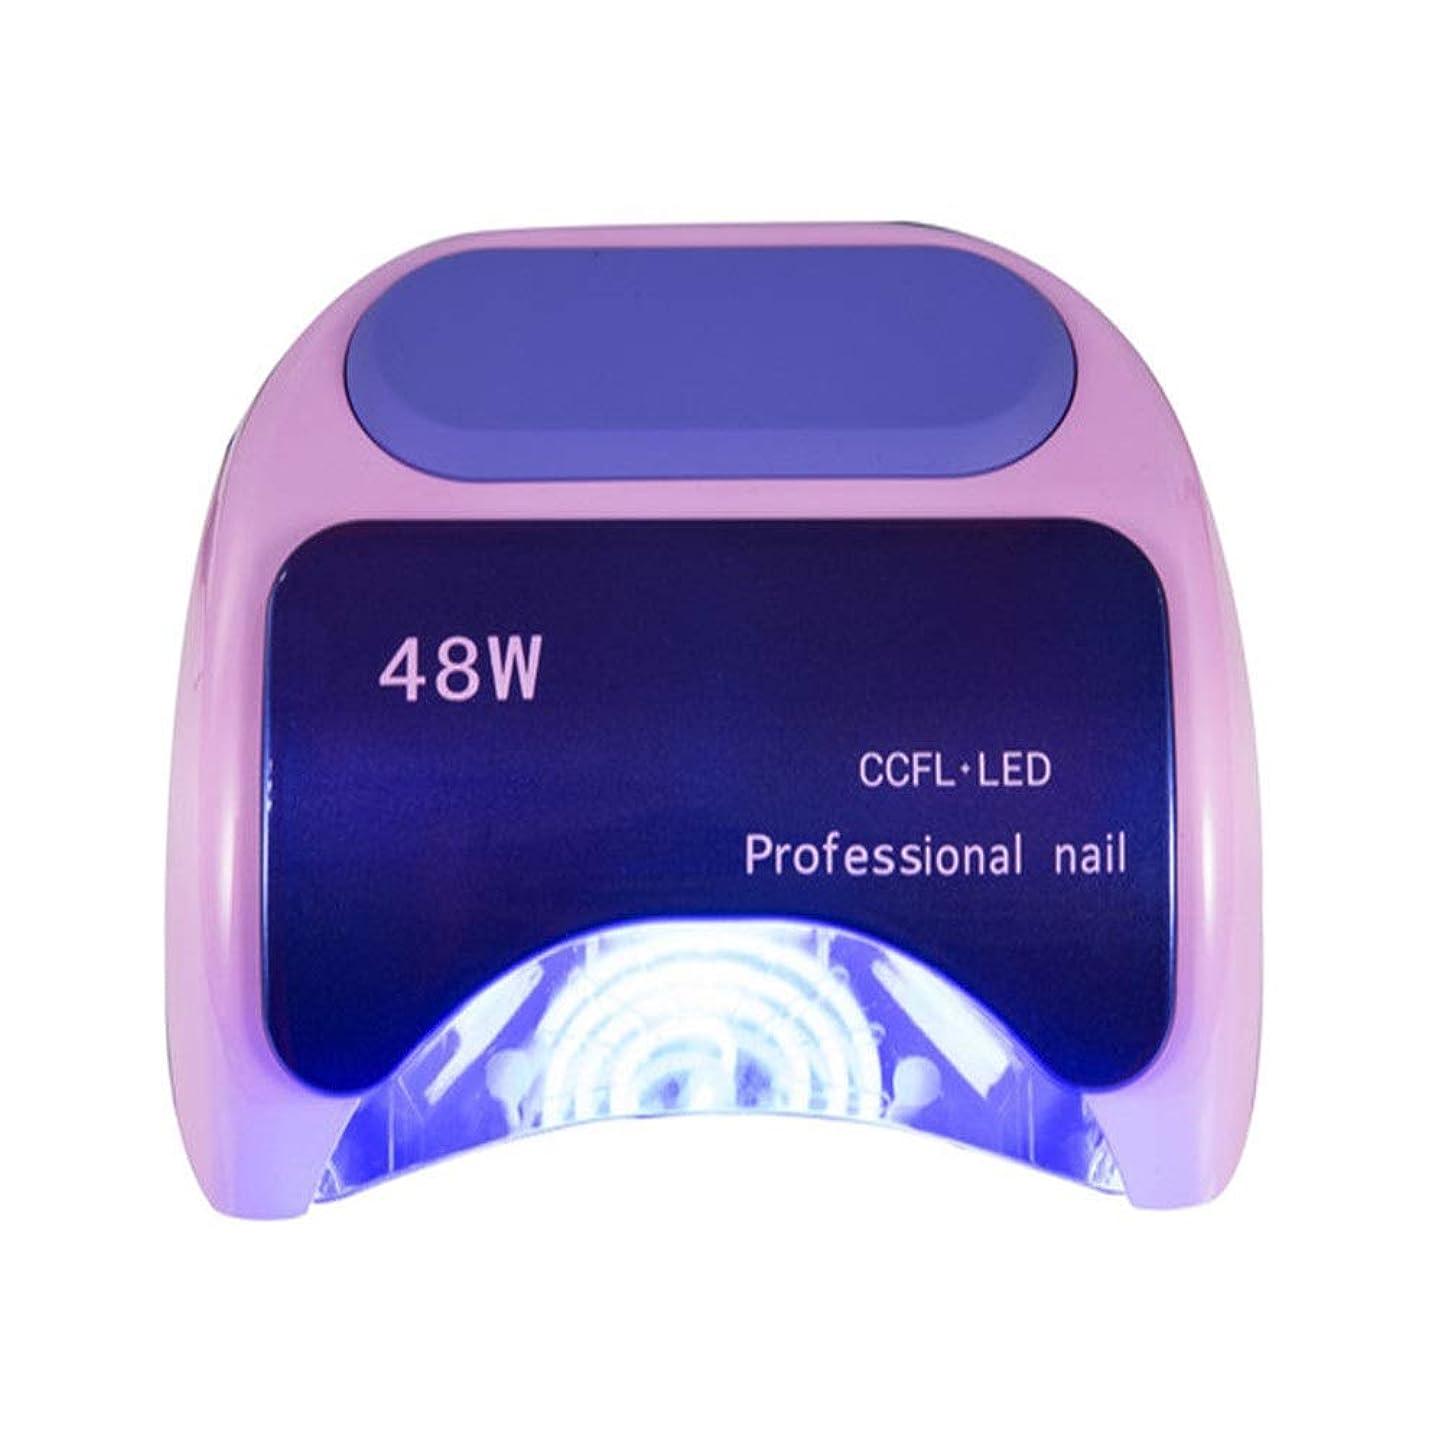 うぬぼれ科学メールLED ネイルドライヤー 48W高速LEDネイルドライヤーランプジェルネイルポリッシュドライヤーマシン光硬化性ランプ (Color : Red)